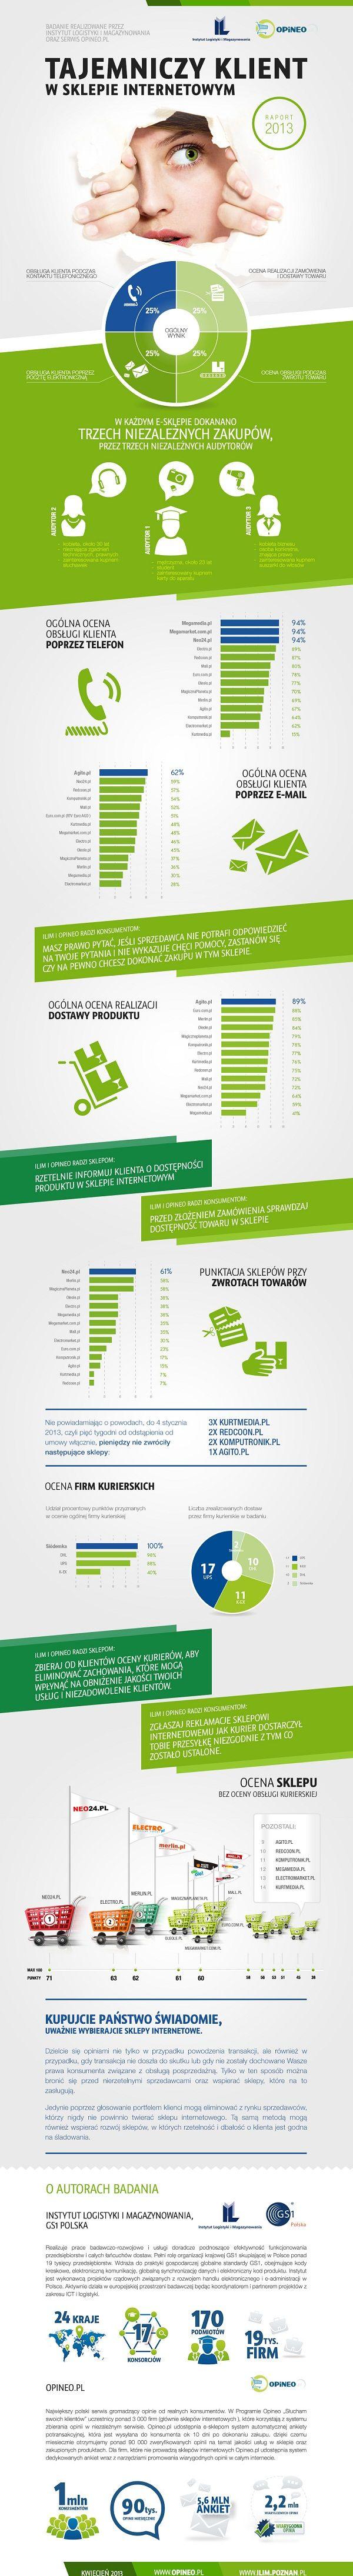 Ranking sklepów internetowych + firmy kurierskie